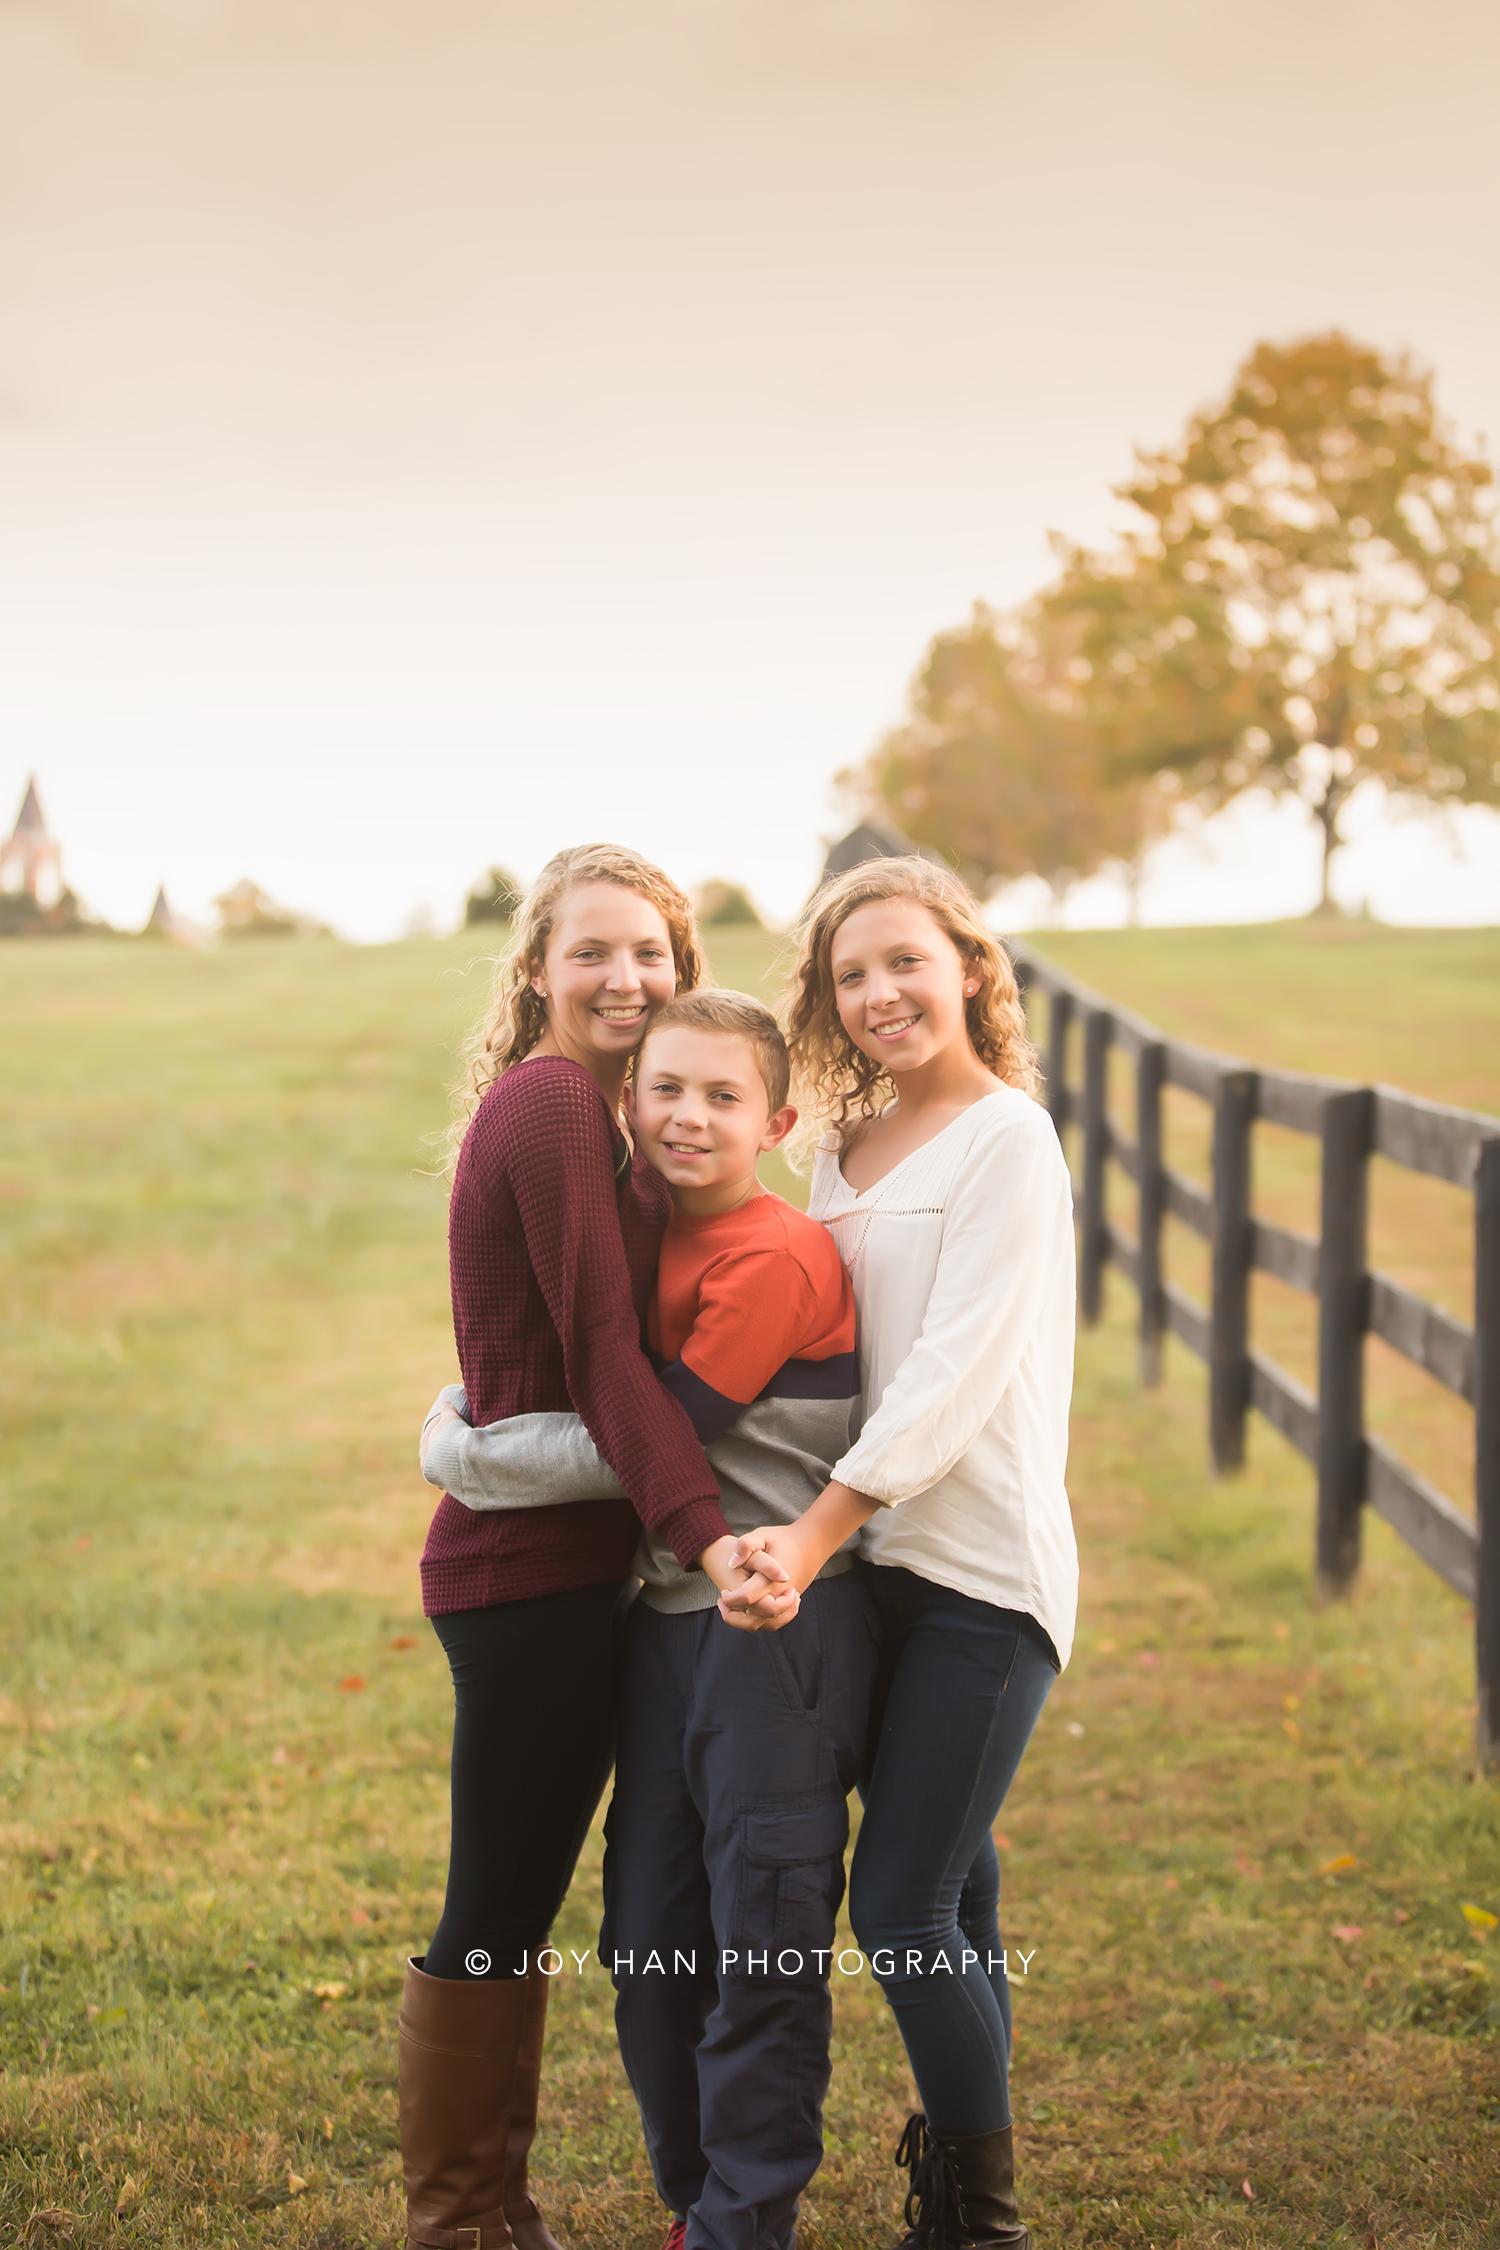 family photographer in loudoun county va